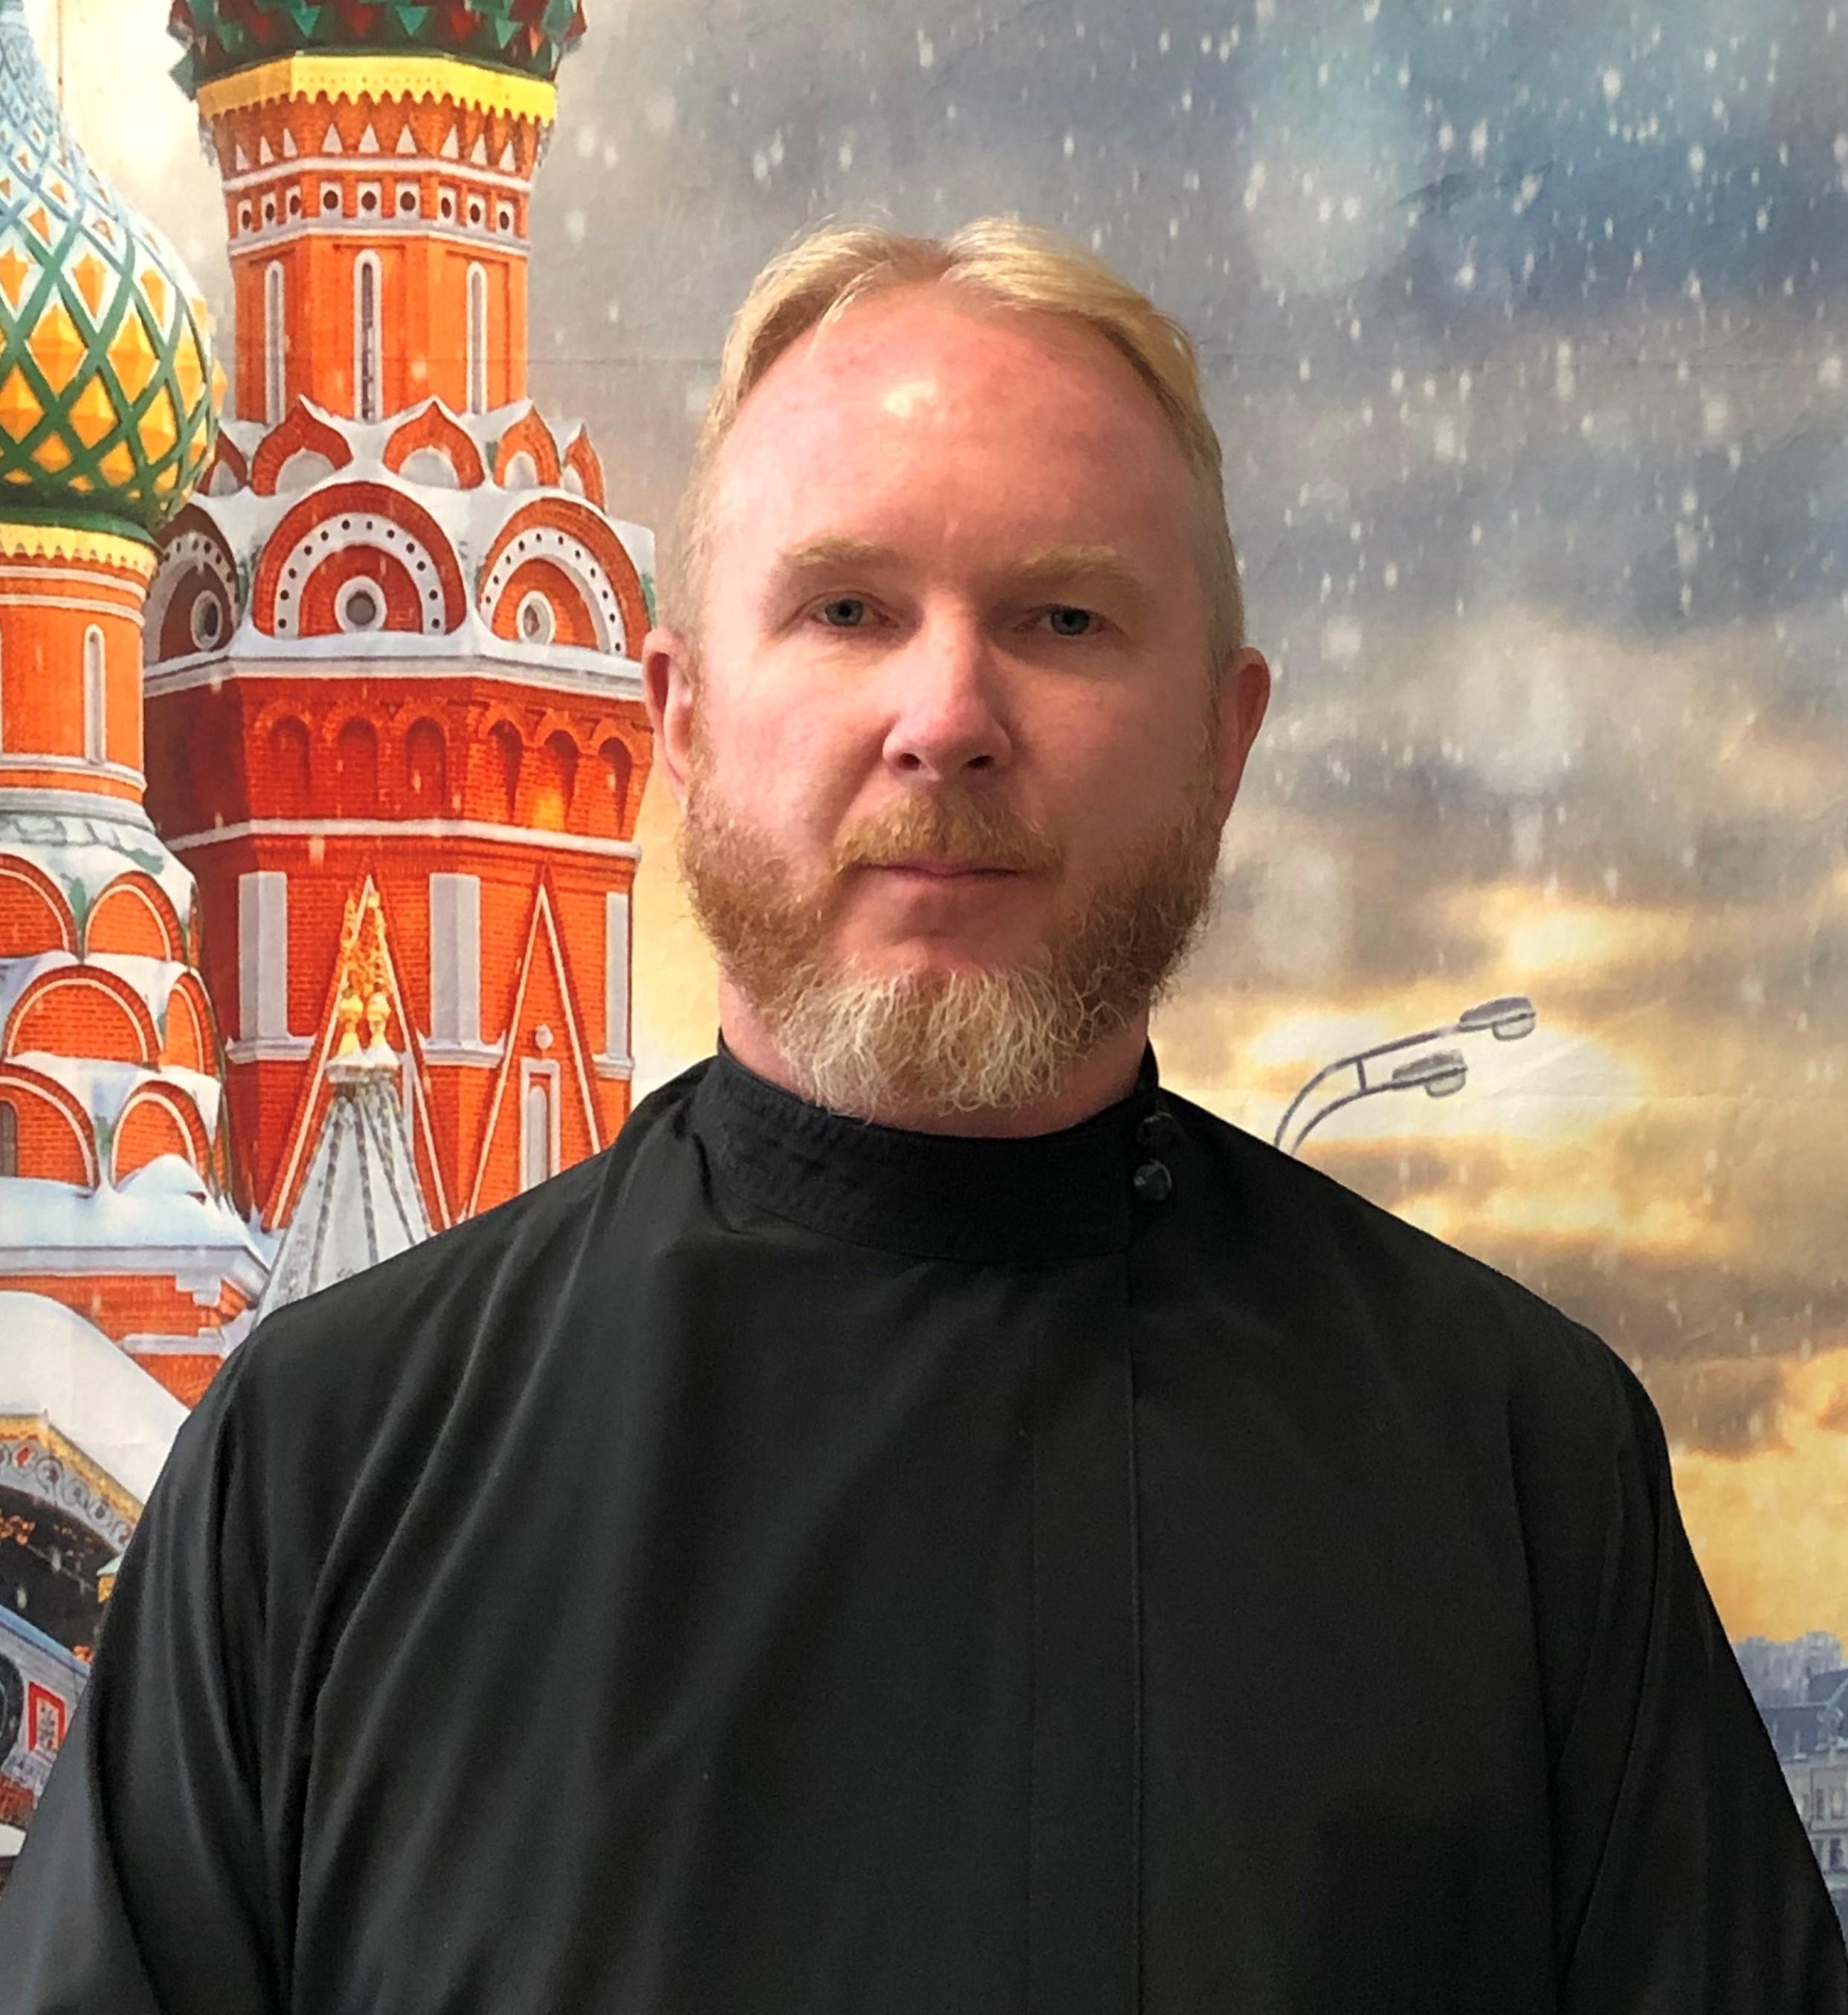 Rdr. Tobias Straney